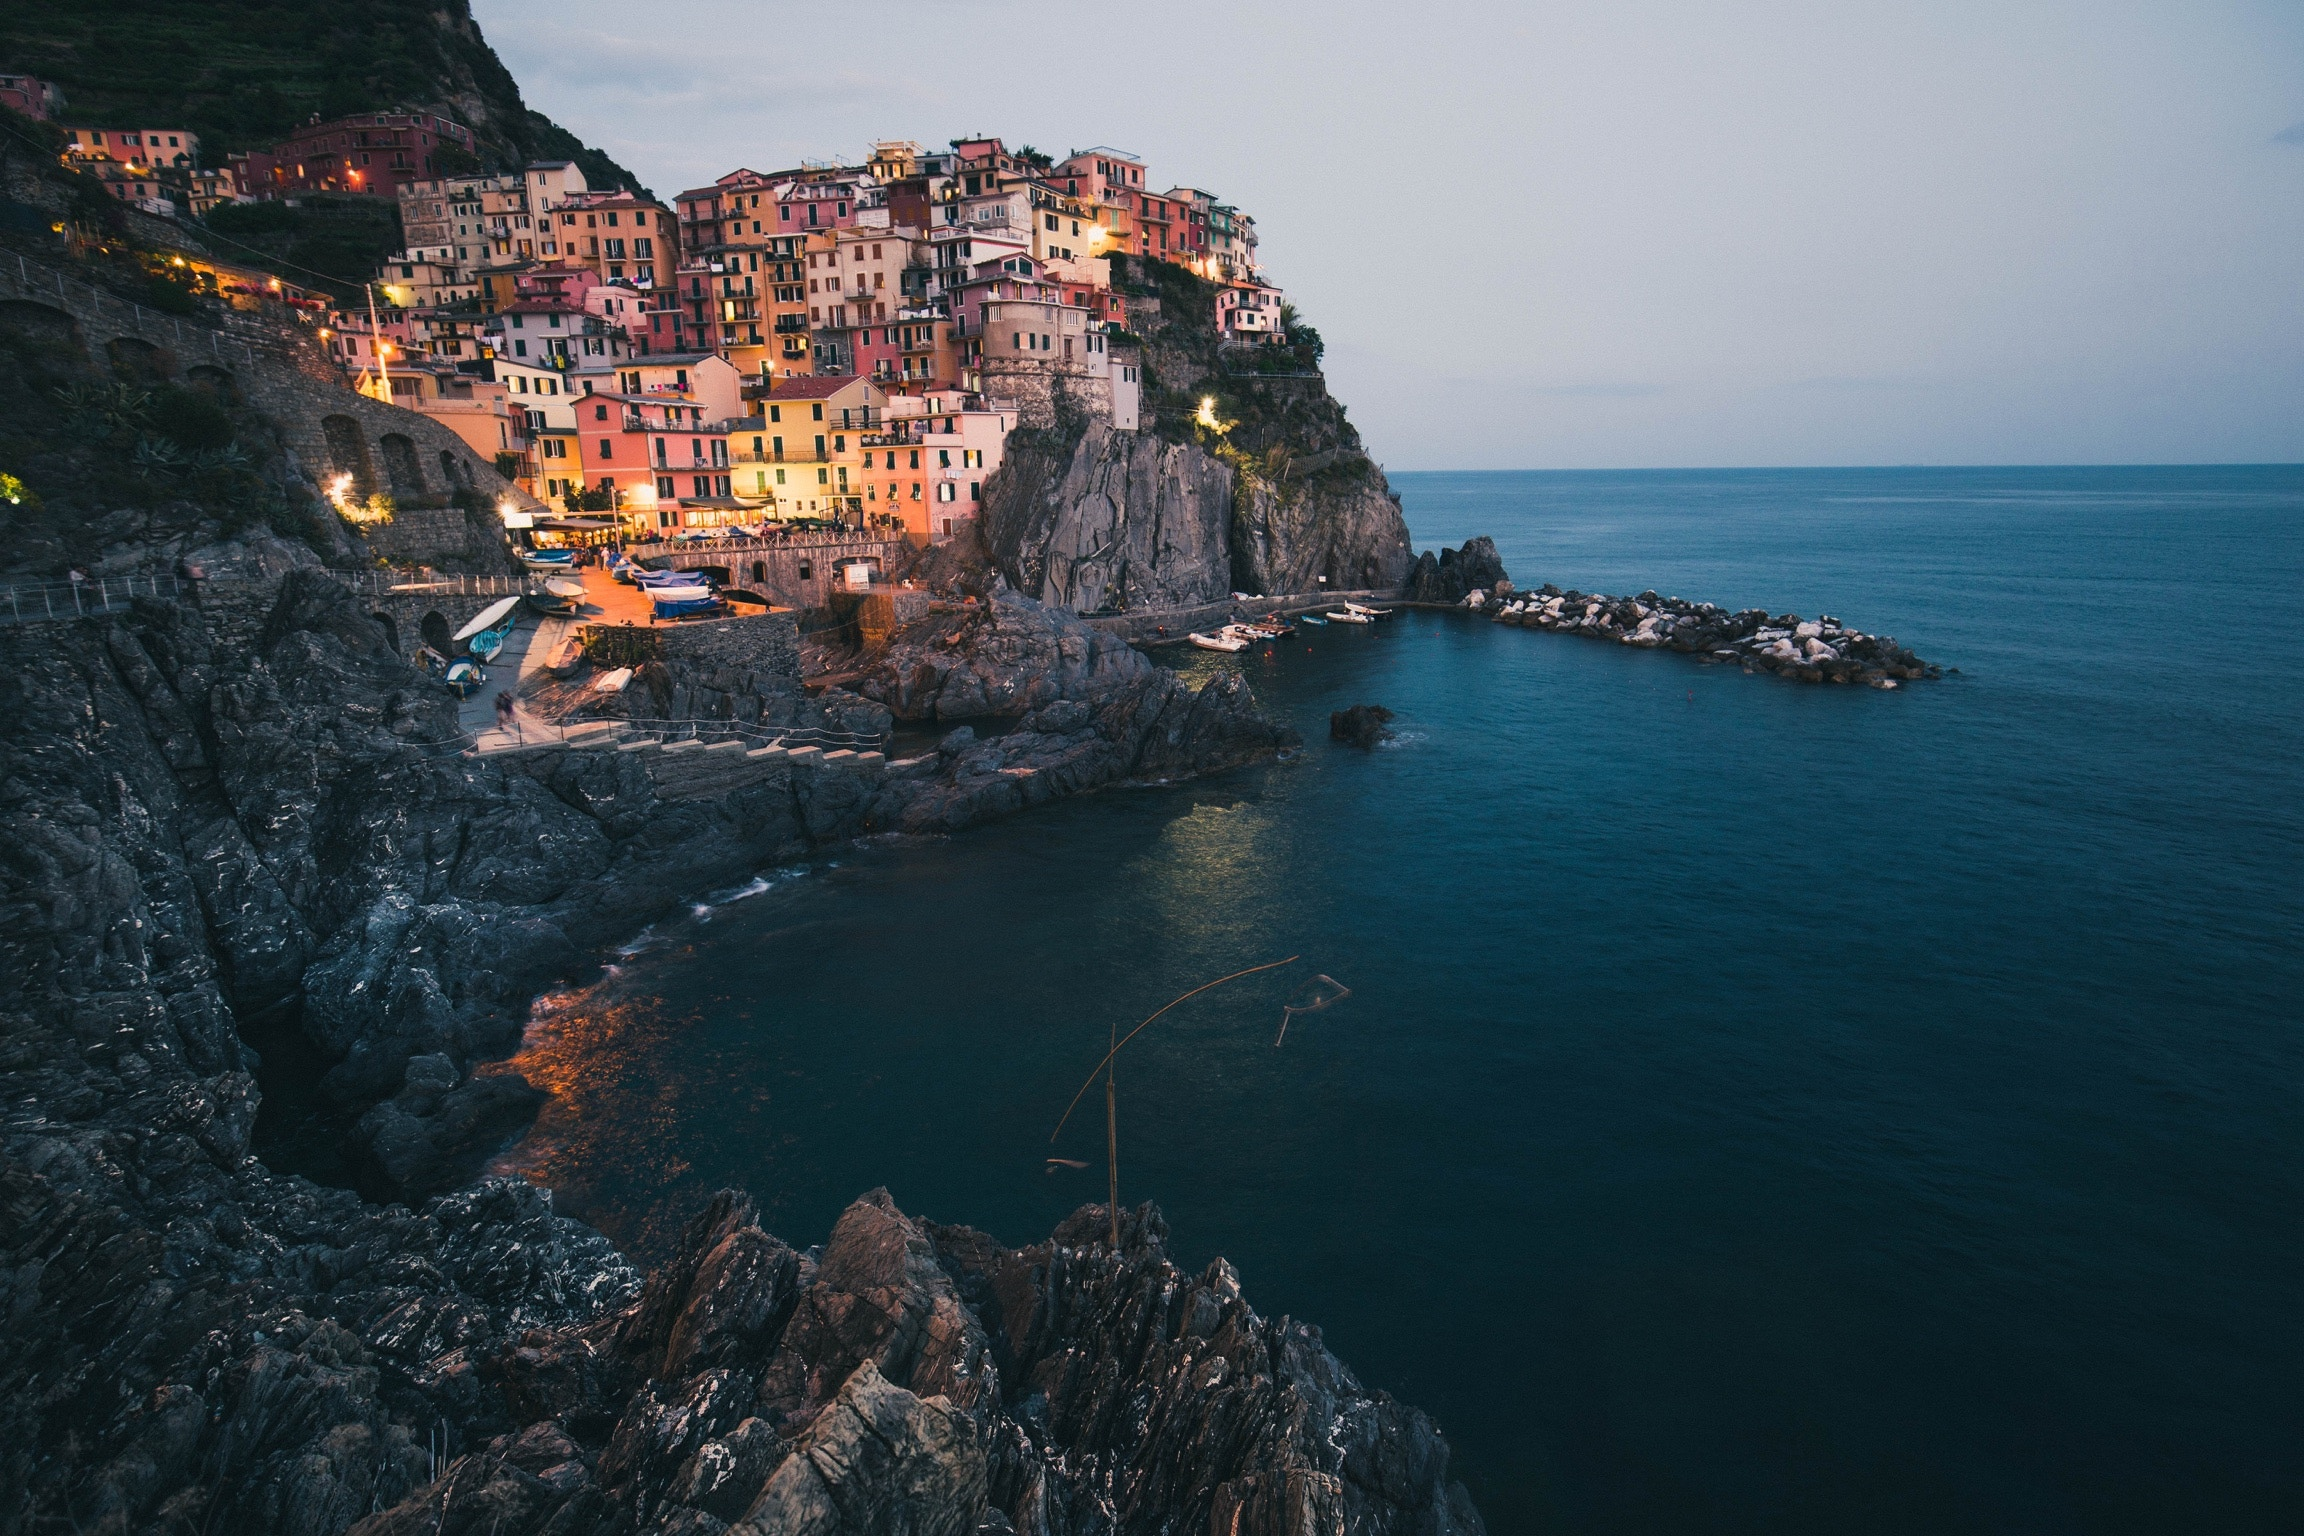 Gorske poti nad vasicami pokrajine Cinque Terre skrivajo veliko nevarnosti.